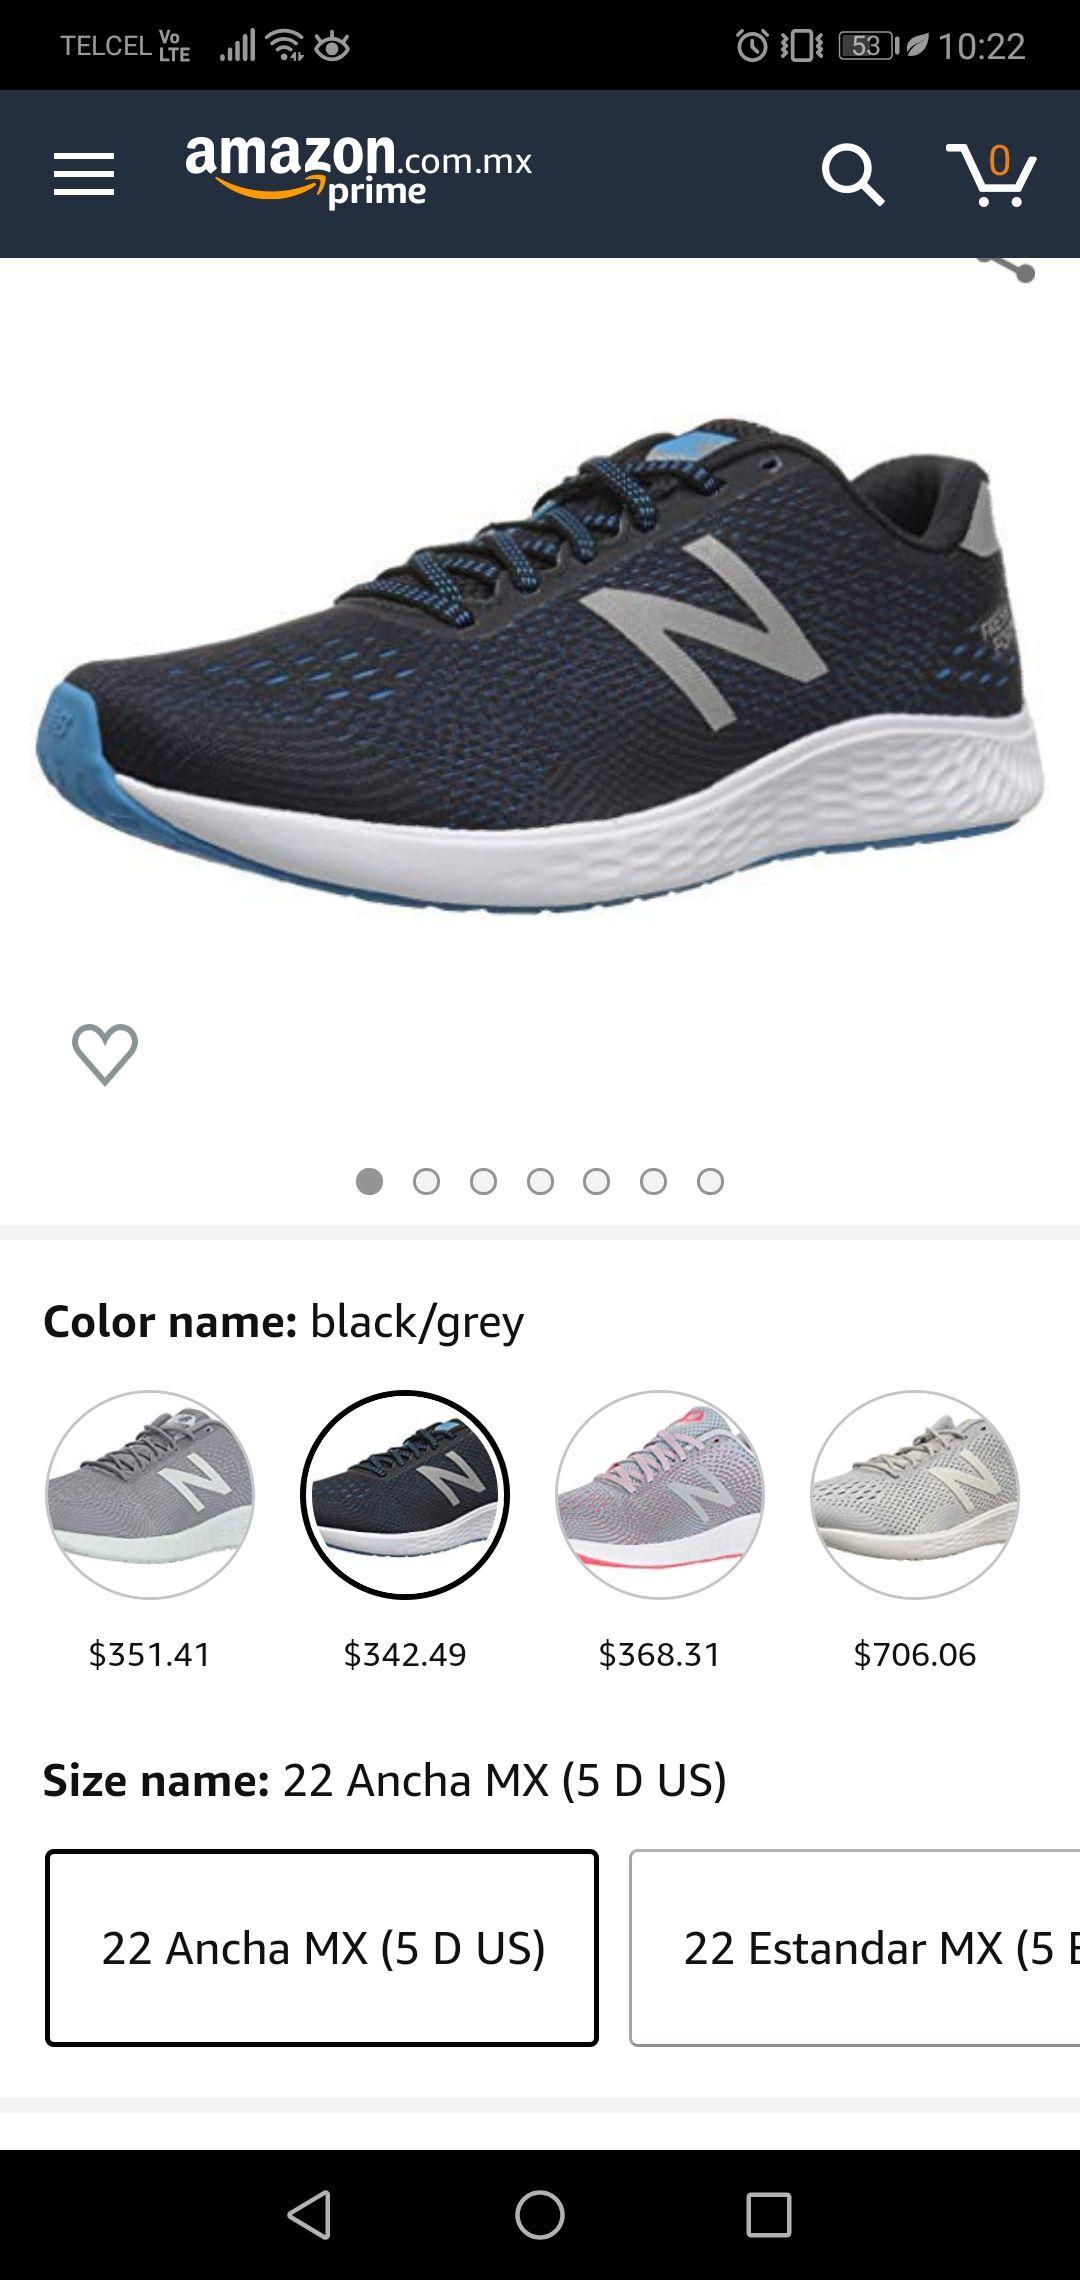 Amazon: Tenis usa new balance solo talla chicas varios colores